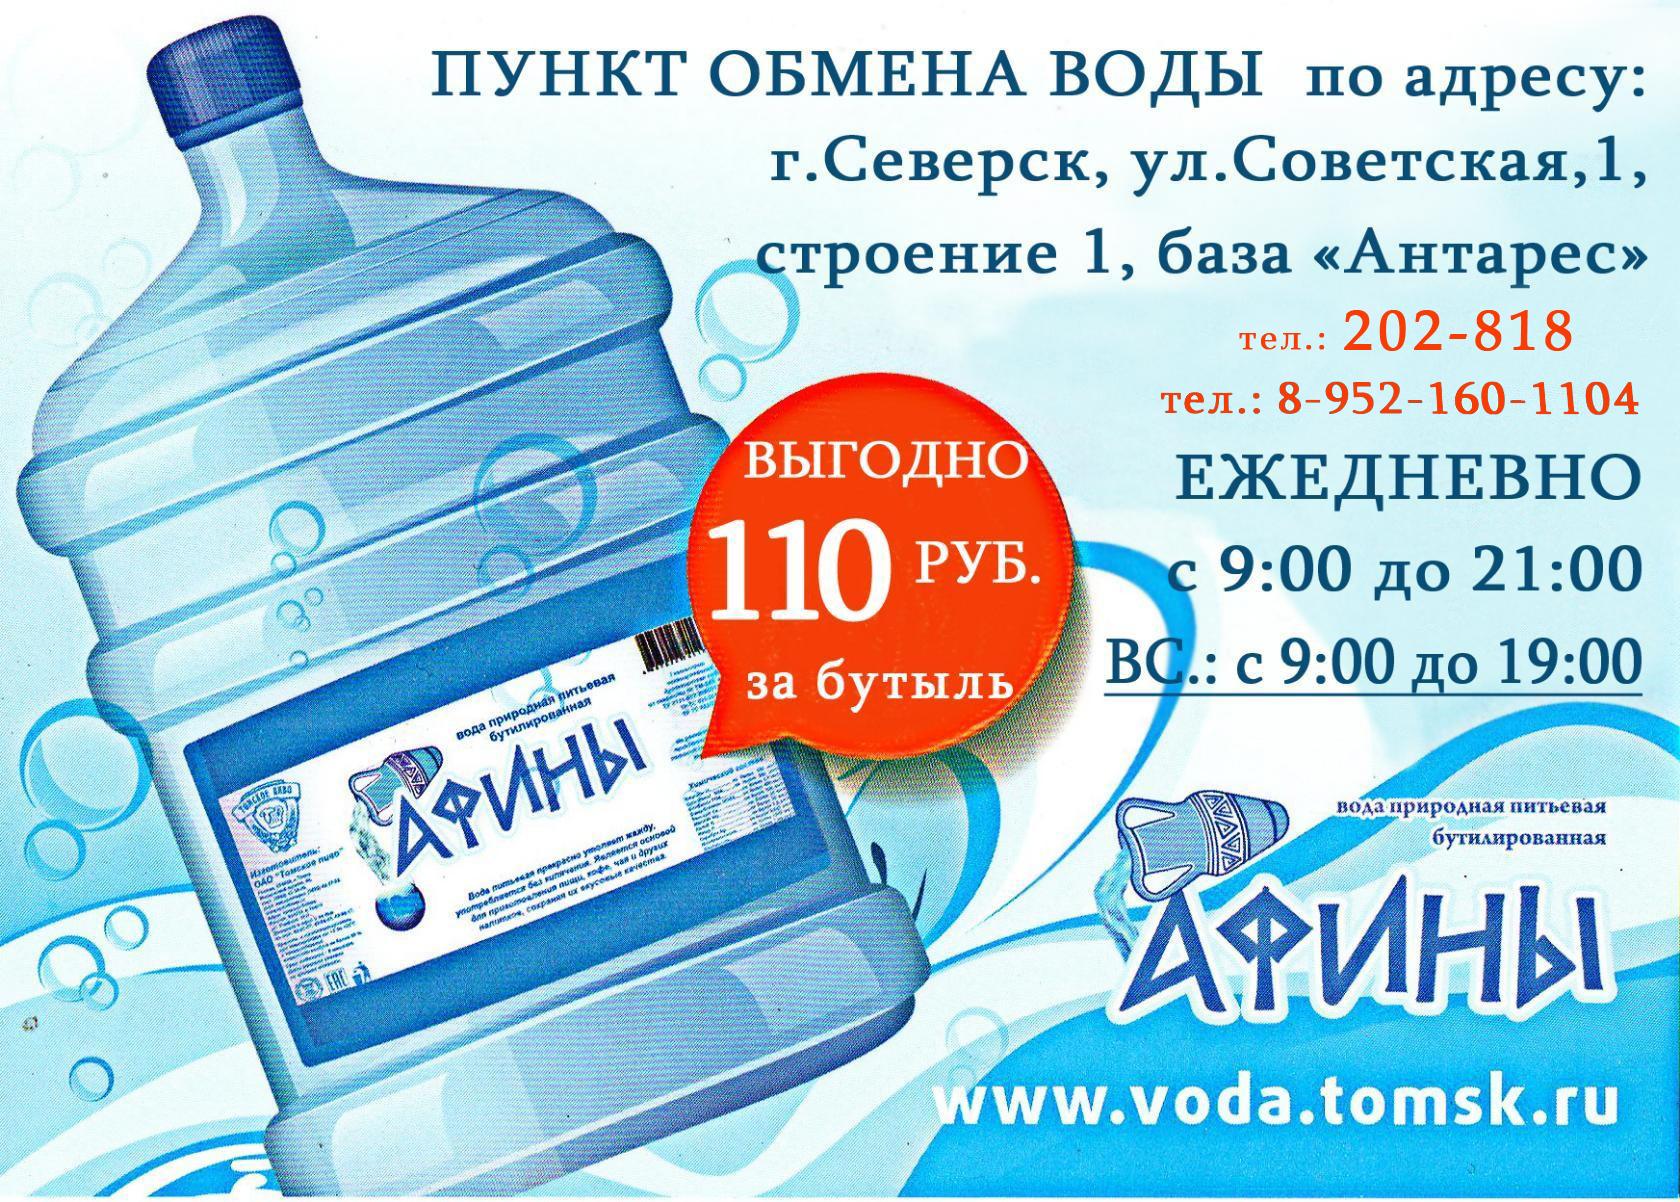 Питьевая вода «Афины»